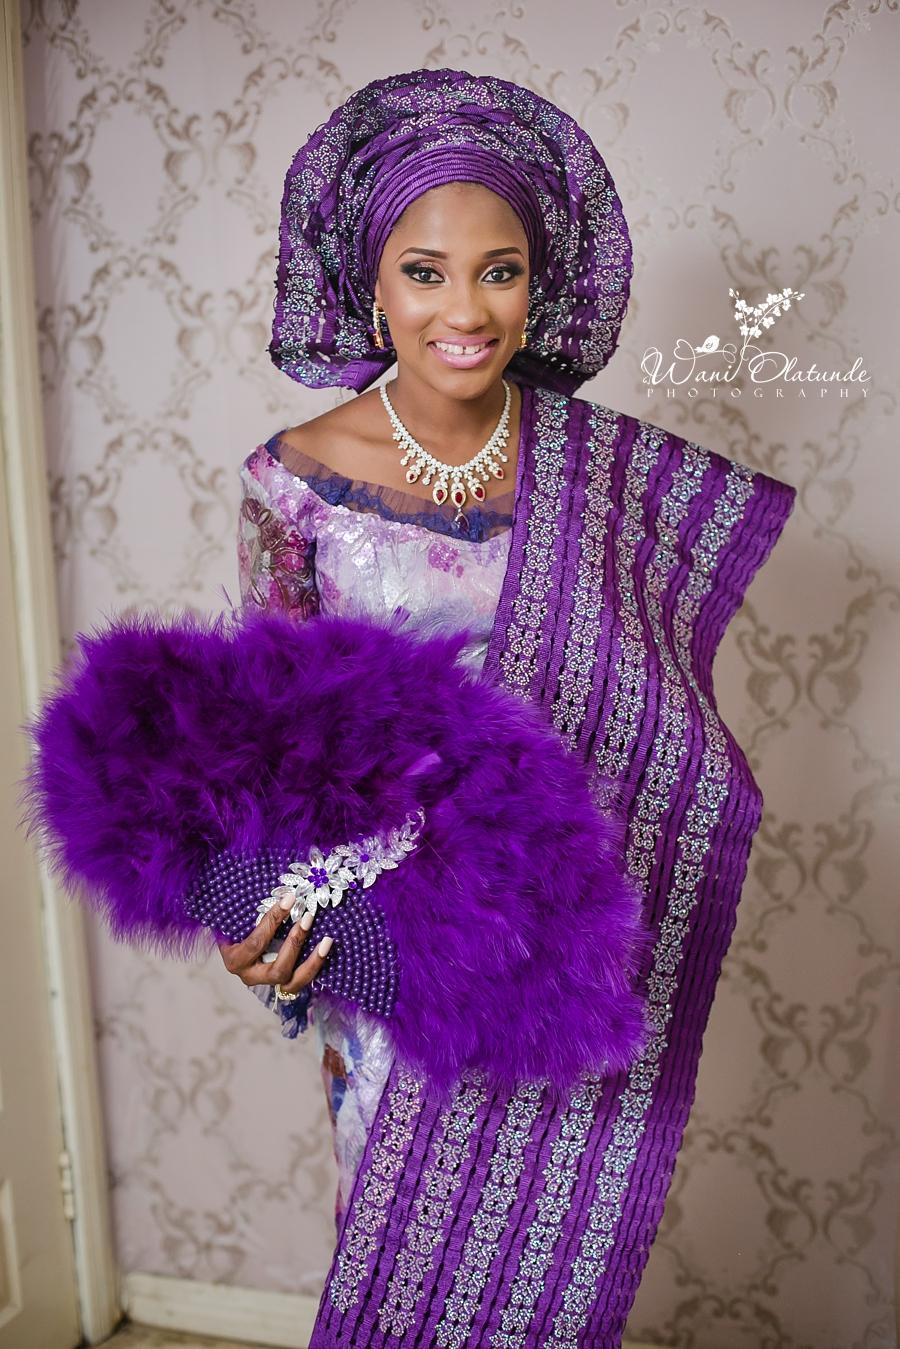 Yoruba Trad Wedding Wani Olatunde_0115